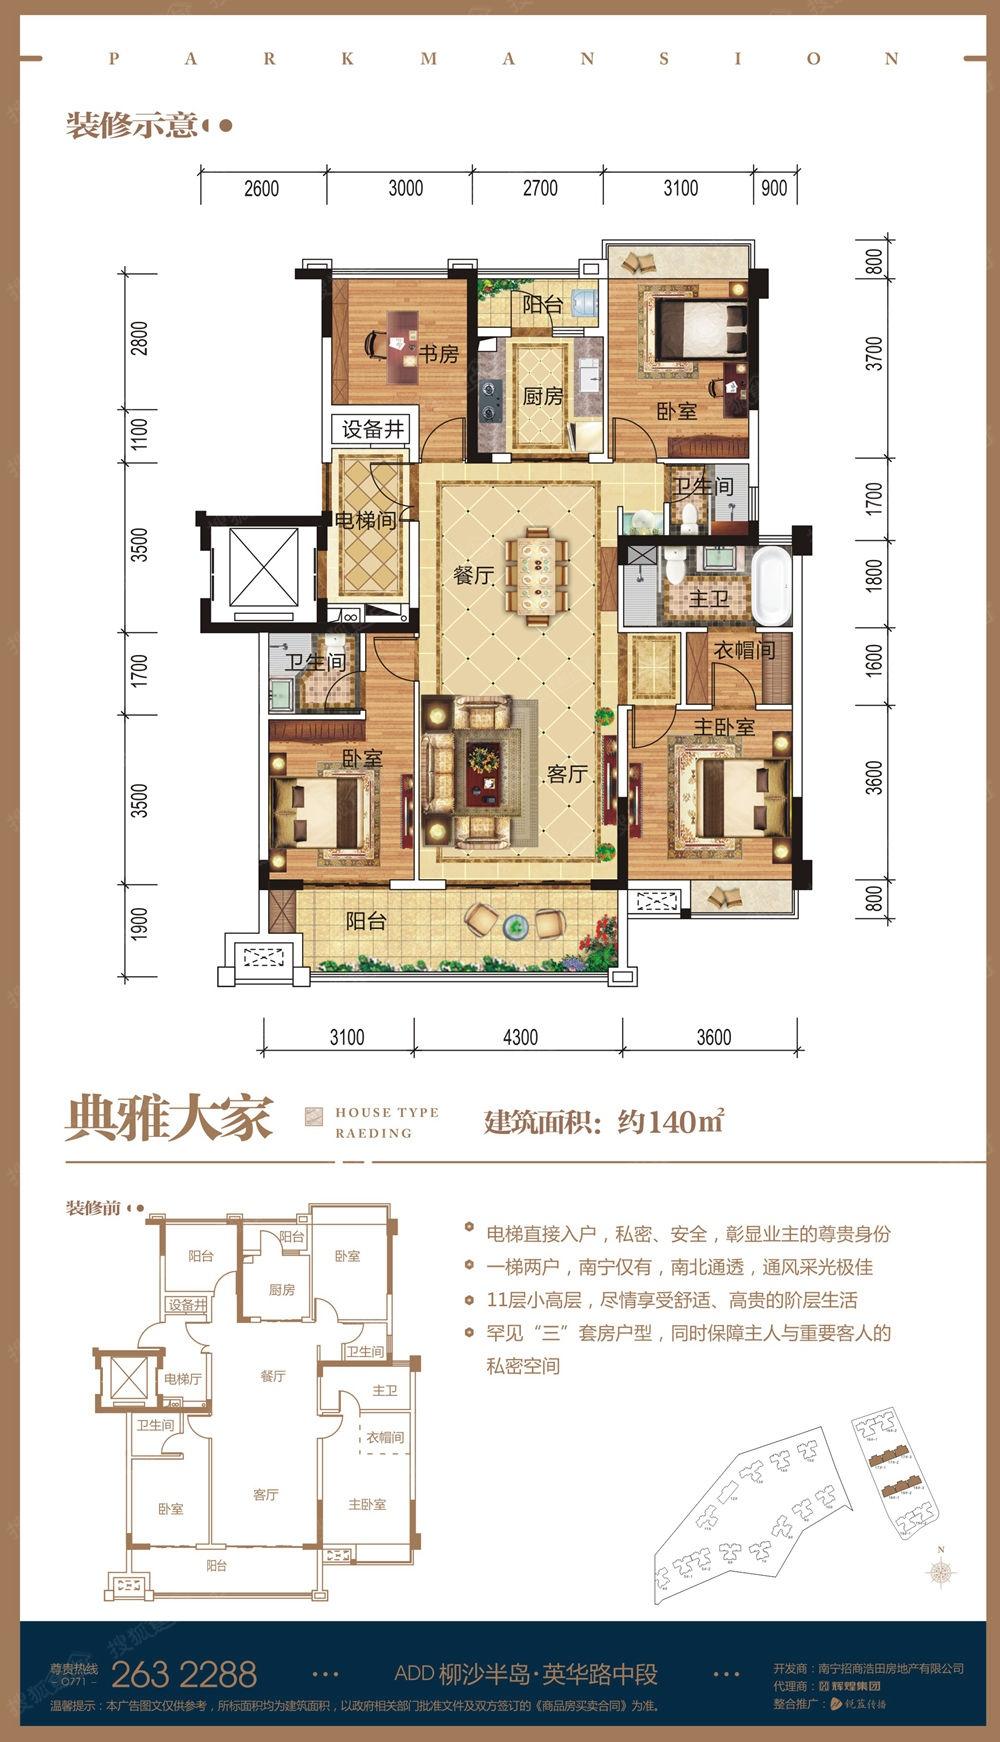 招商·雍景湾140㎡户型图